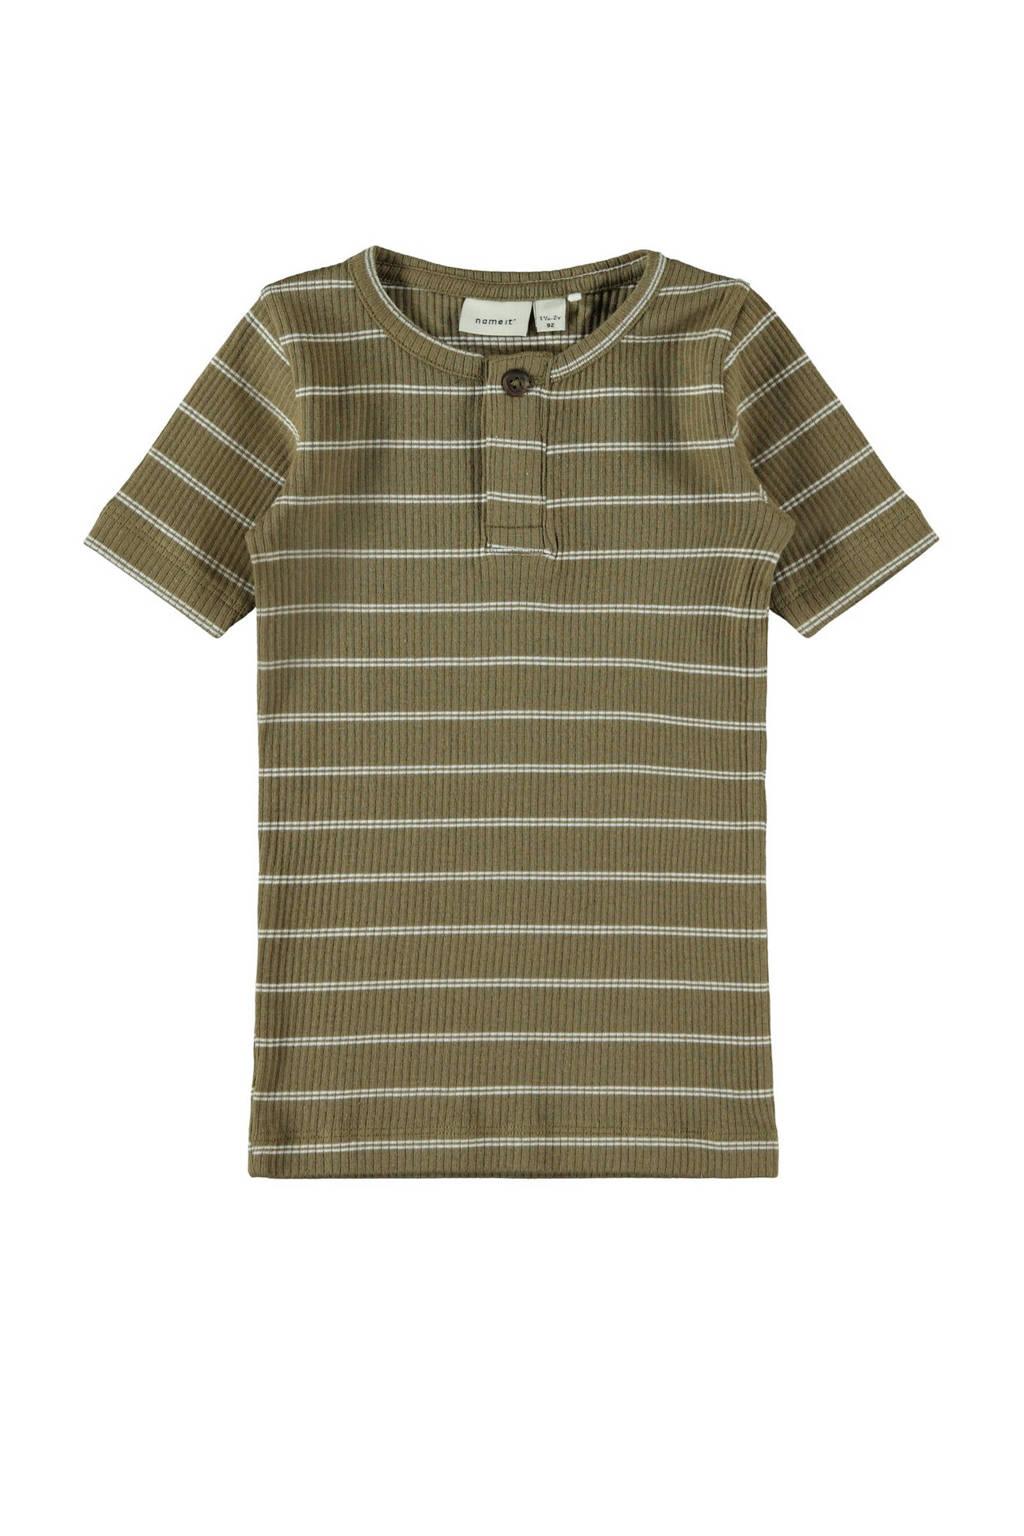 NAME IT MINI gestreept T-shirt Faco met biologisch katoen olijfgroen/wit, Olijfgroen/wit